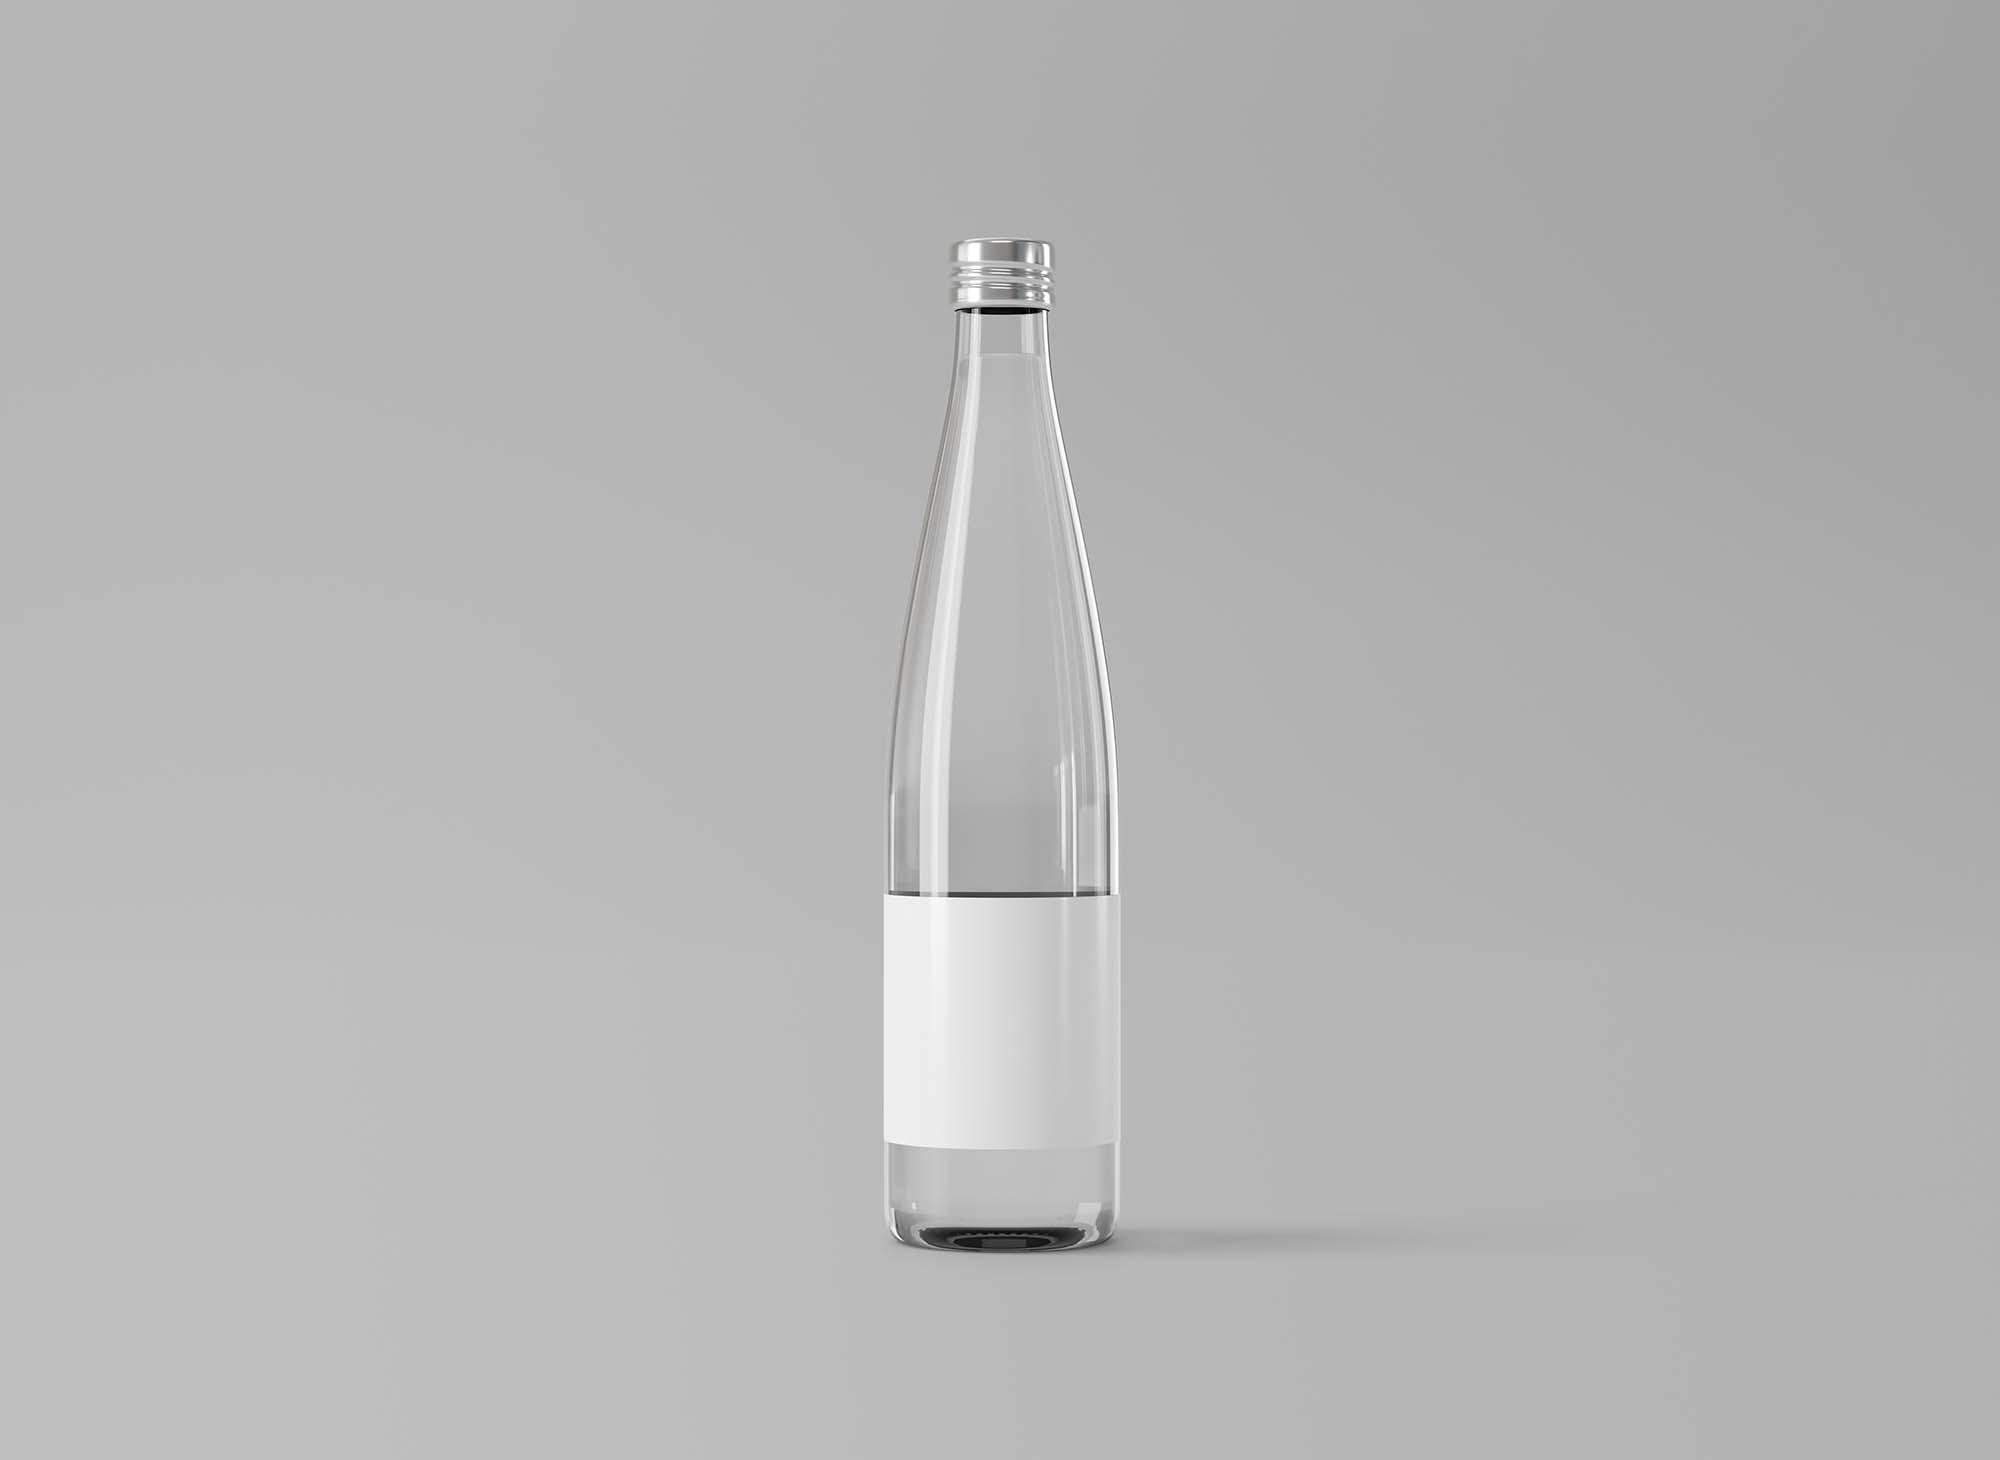 Glass Water Bottle Mockup 2